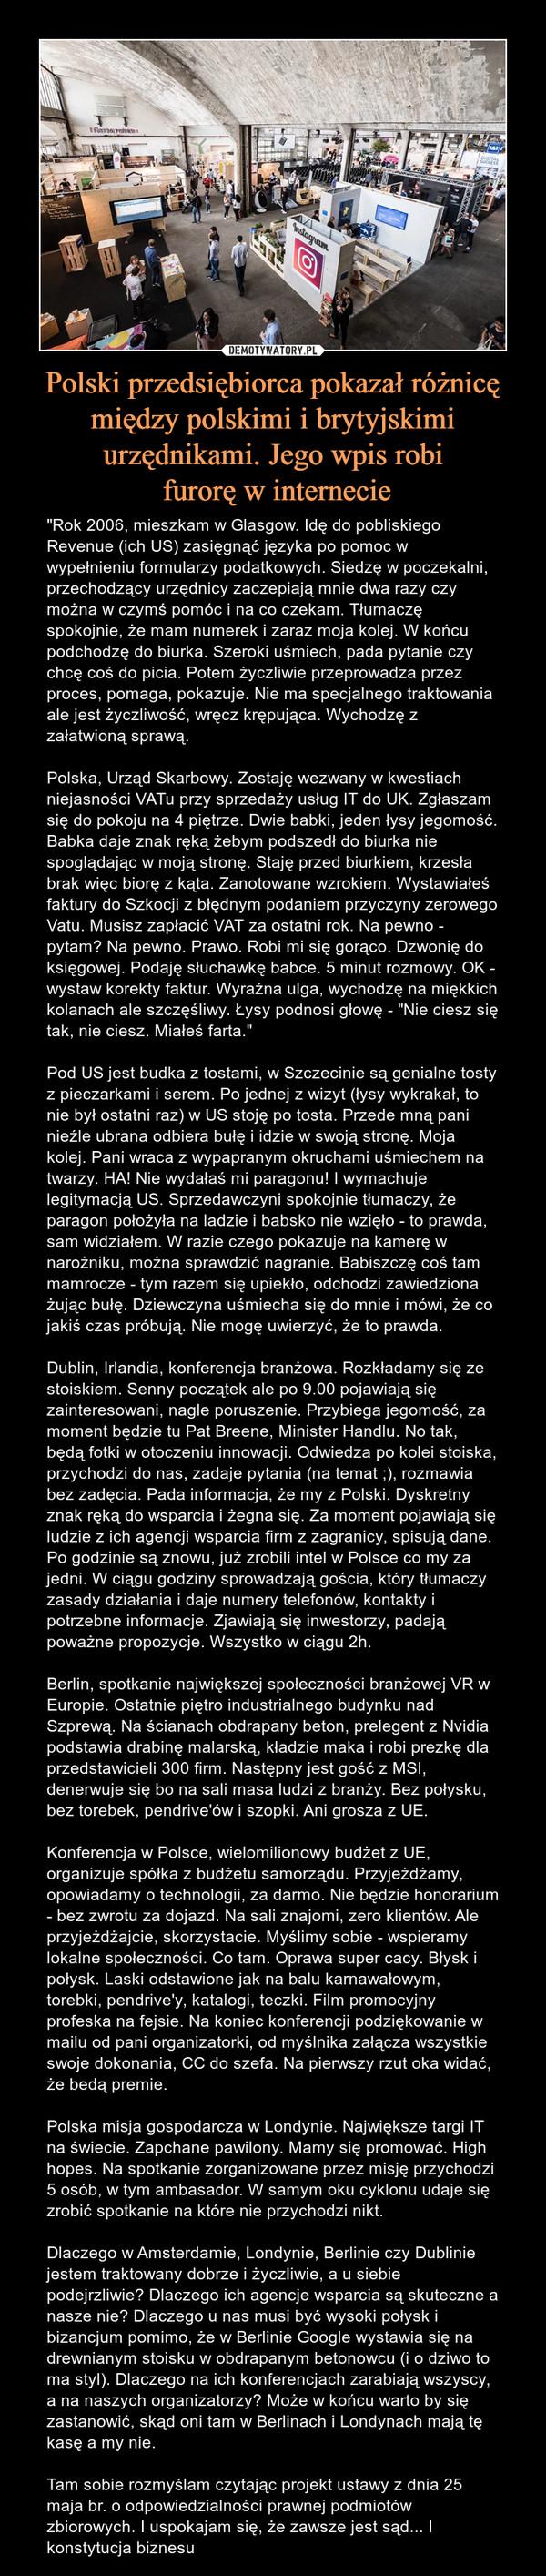 """Polski przedsiębiorca pokazał różnicę między polskimi i brytyjskimi urzędnikami. Jego wpis robi furorę w internecie – """"Rok 2006, mieszkam w Glasgow. Idę do pobliskiego Revenue (ich US) zasięgnąć języka po pomoc w wypełnieniu formularzy podatkowych. Siedzę w poczekalni, przechodzący urzędnicy zaczepiają mnie dwa razy czy można w czymś pomóc i na co czekam. Tłumaczę spokojnie, że mam numerek i zaraz moja kolej. W końcu podchodzę do biurka. Szeroki uśmiech, pada pytanie czy chcę coś do picia. Potem życzliwie przeprowadza przez proces, pomaga, pokazuje. Nie ma specjalnego traktowania ale jest życzliwość, wręcz krępująca. Wychodzę z załatwioną sprawą.Polska, Urząd Skarbowy. Zostaję wezwany w kwestiach niejasności VATu przy sprzedaży usług IT do UK. Zgłaszam się do pokoju na 4 piętrze. Dwie babki, jeden łysy jegomość. Babka daje znak ręką żebym podszedł do biurka nie spoglądając w moją stronę. Staję przed biurkiem, krzesła brak więc biorę z kąta. Zanotowane wzrokiem. Wystawiałeś faktury do Szkocji z błędnym podaniem przyczyny zerowego Vatu. Musisz zapłacić VAT za ostatni rok. Na pewno - pytam? Na pewno. Prawo. Robi mi się gorąco. Dzwonię do księgowej. Podaję słuchawkę babce. 5 minut rozmowy. OK - wystaw korekty faktur. Wyraźna ulga, wychodzę na miękkich kolanach ale szczęśliwy. Łysy podnosi głowę - """"Nie ciesz się tak, nie ciesz. Miałeś farta.""""Pod US jest budka z tostami, w Szczecinie są genialne tosty z pieczarkami i serem. Po jednej z wizyt (łysy wykrakał, to nie był ostatni raz) w US stoję po tosta. Przede mną pani nieźle ubrana odbiera bułę i idzie w swoją stronę. Moja kolej. Pani wraca z wypapranym okruchami uśmiechem na twarzy. HA! Nie wydałaś mi paragonu! I wymachuje legitymacją US. Sprzedawczyni spokojnie tłumaczy, że paragon położyła na ladzie i babsko nie wzięło - to prawda, sam widziałem. W razie czego pokazuje na kamerę w narożniku, można sprawdzić nagranie. Babiszczę coś tam mamrocze - tym razem się upiekło, odchodzi zawiedziona żując bułę. Dziewczyna uśmiecha"""